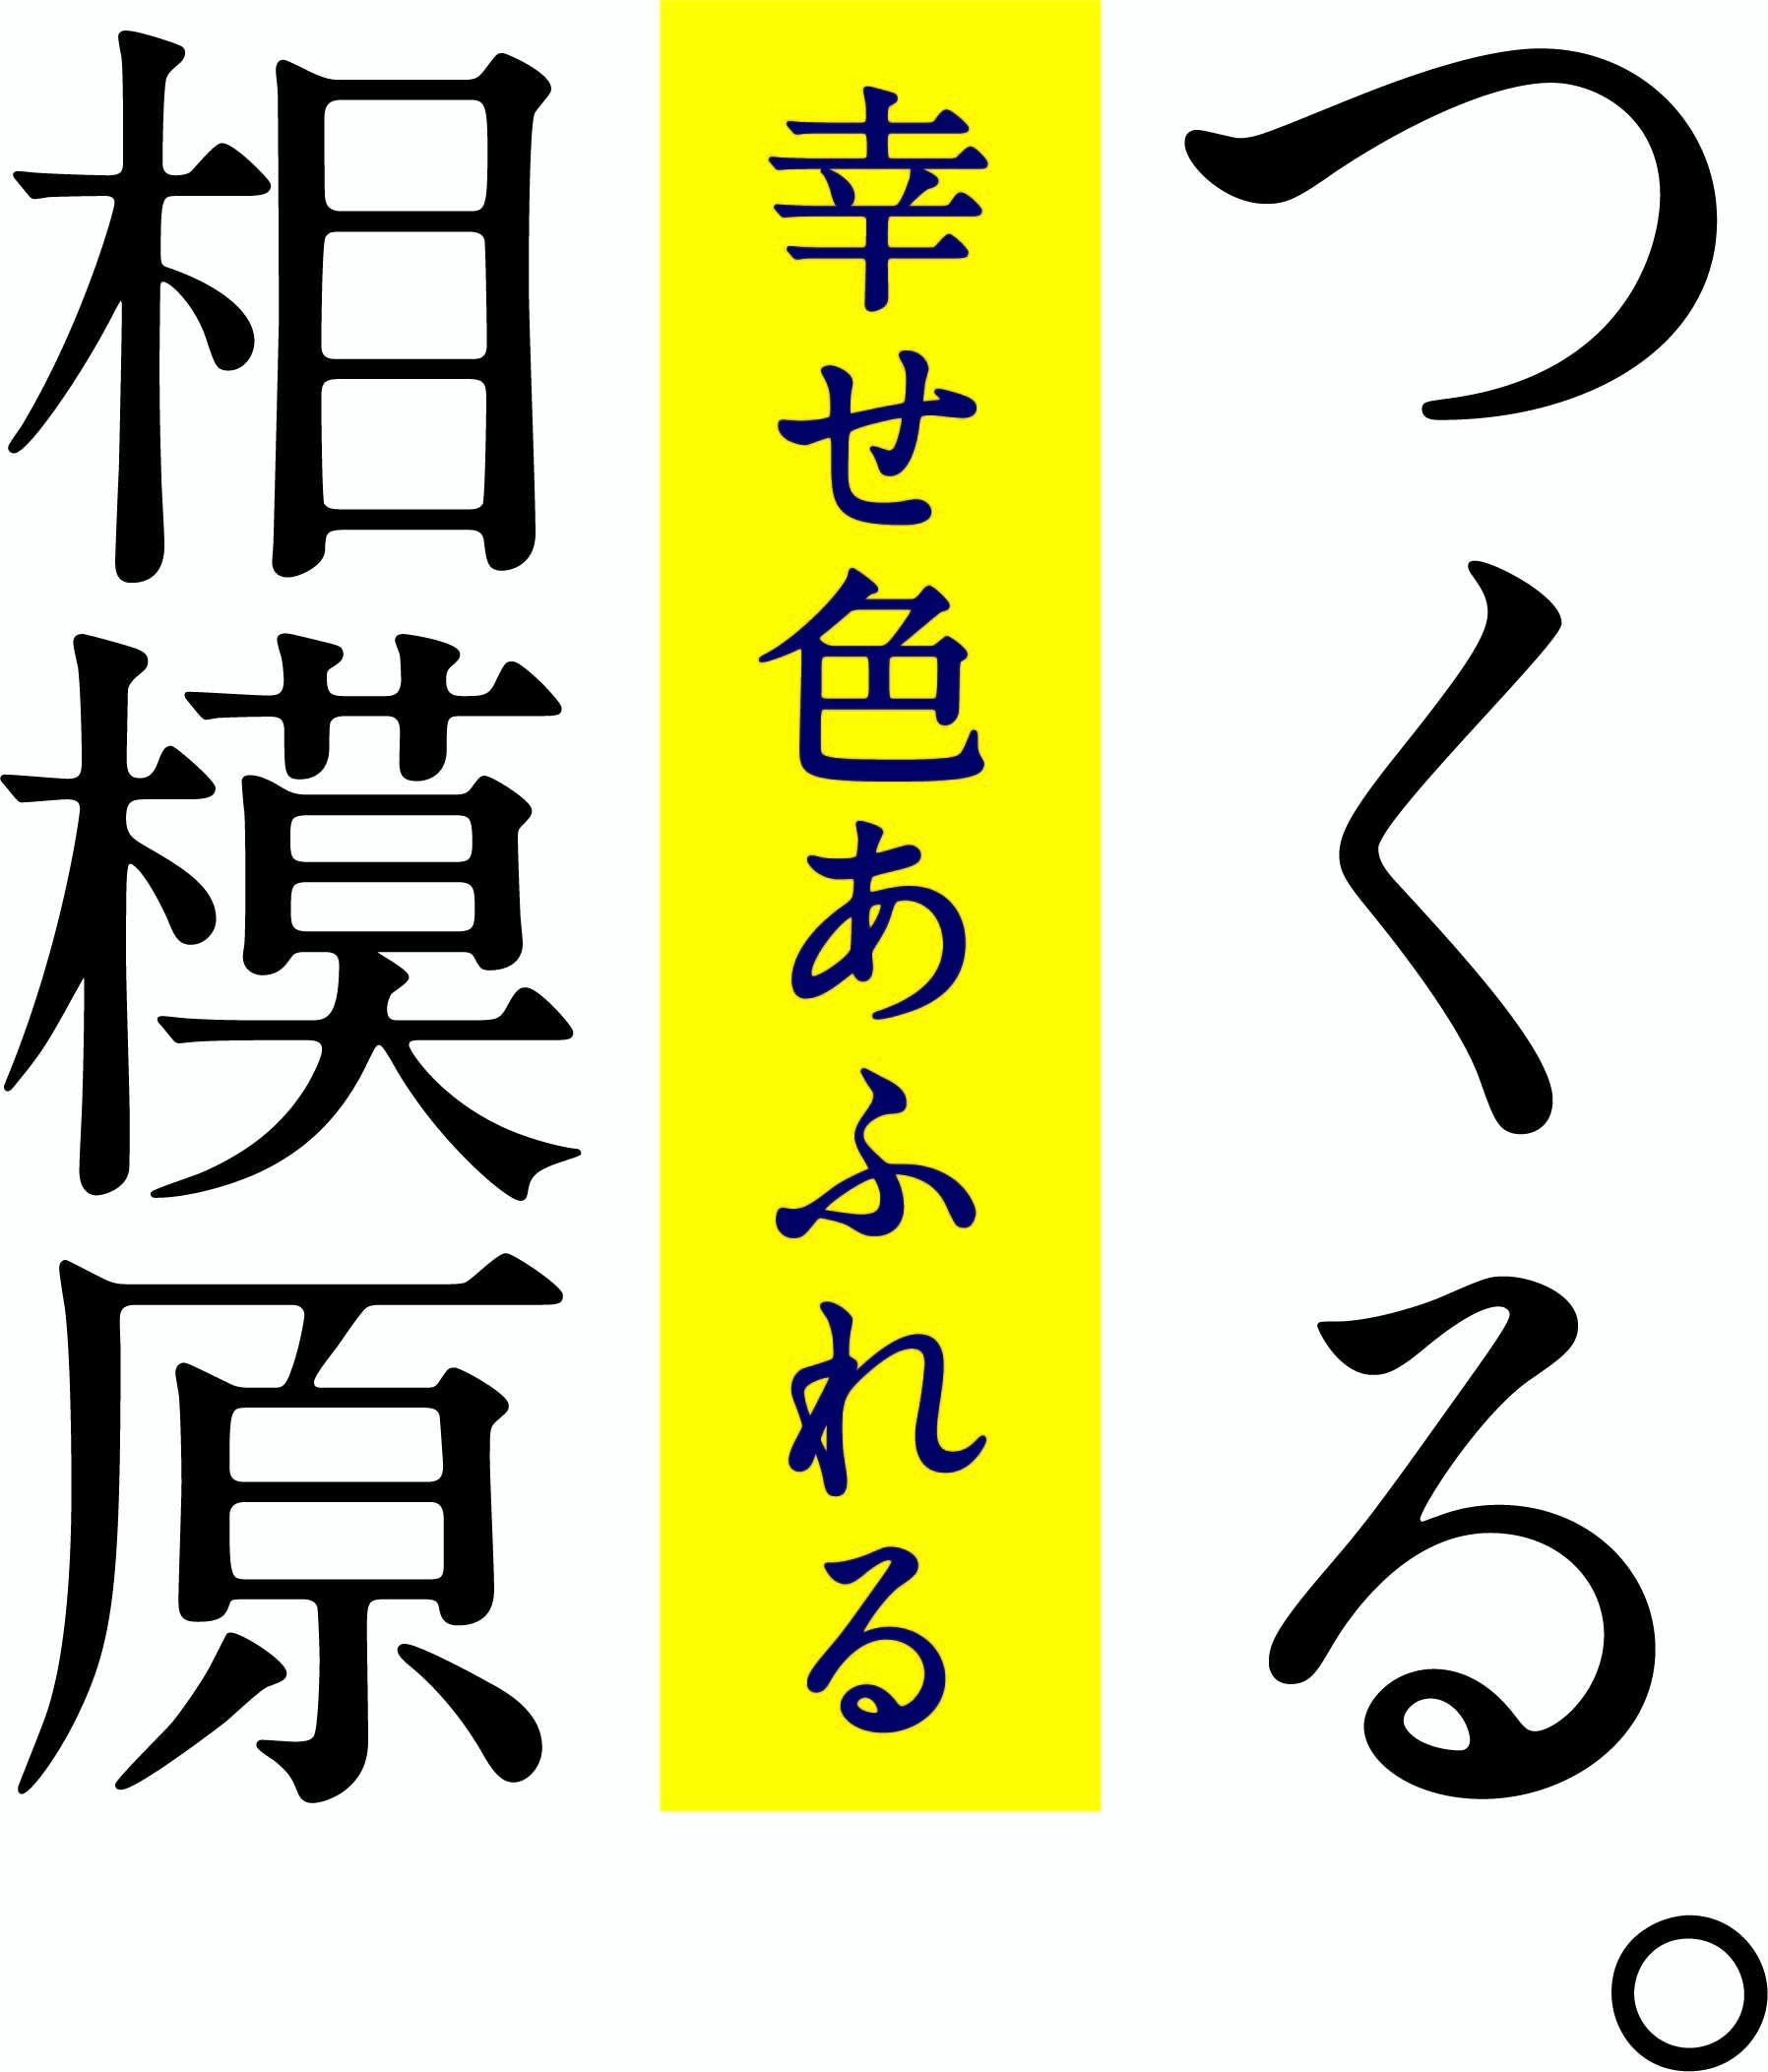 つくるロゴ